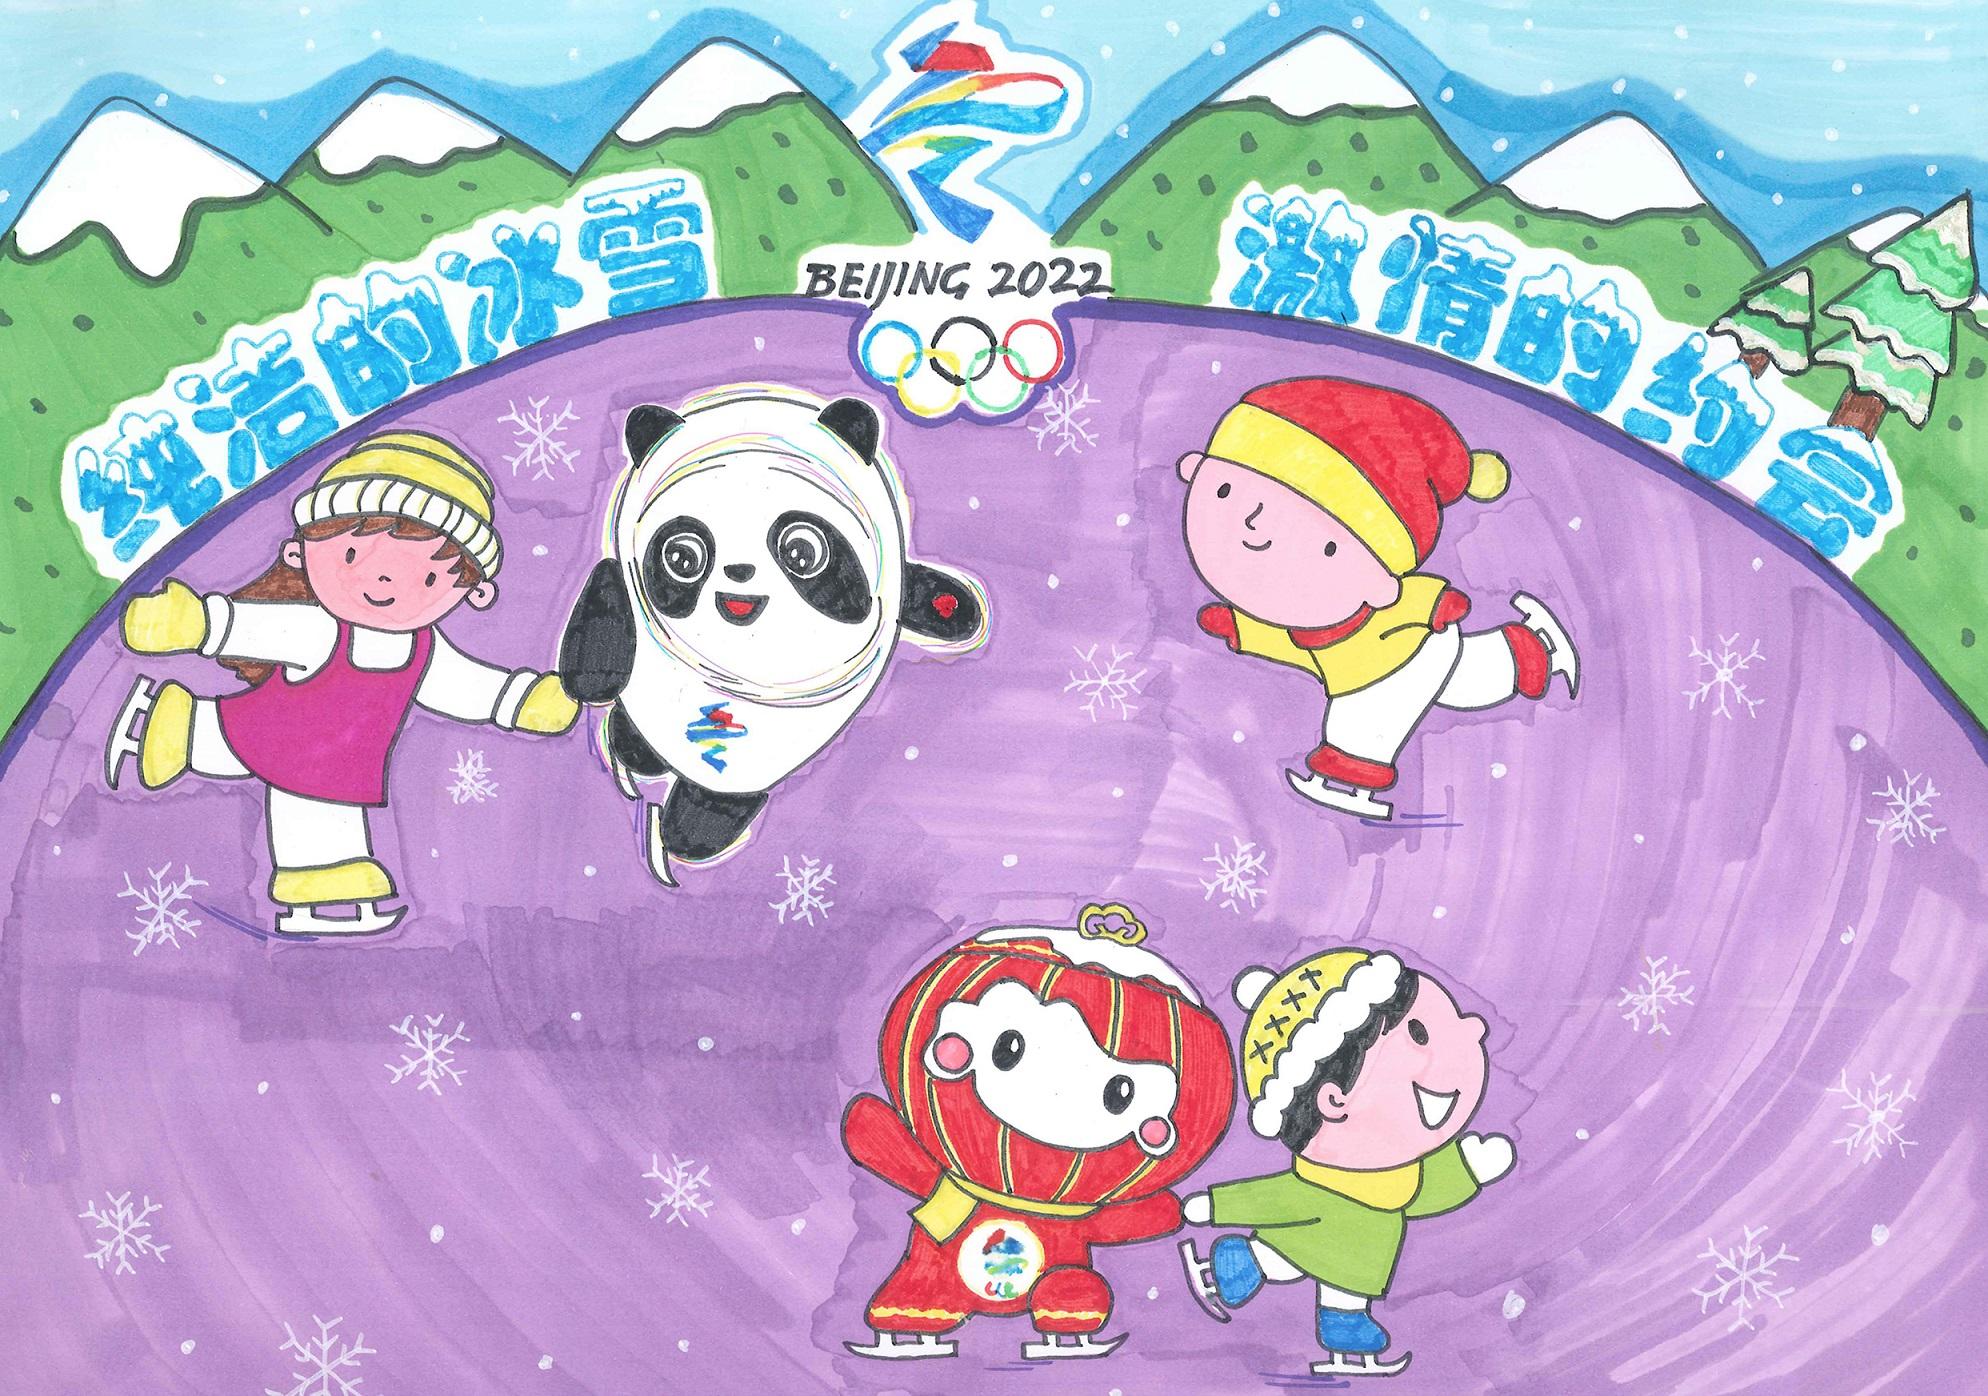 纯洁冰雪激情冬奥 Pure Ice And Snow, Passionate Winter Olympics+王诗琪 Wang Shiqi